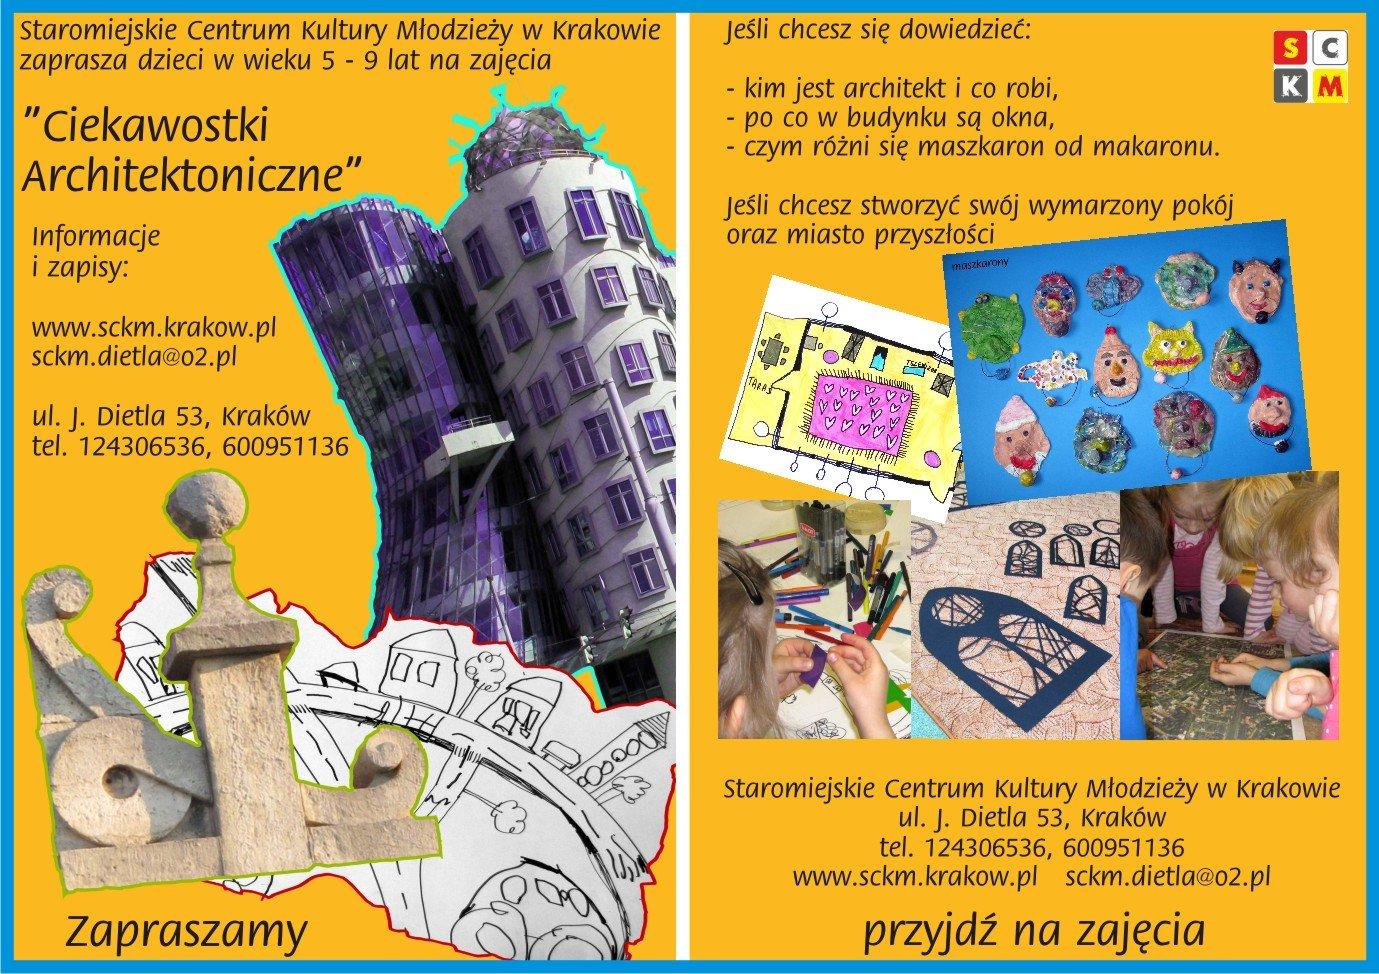 Ciekawostki Architektoniczne dla dzieci